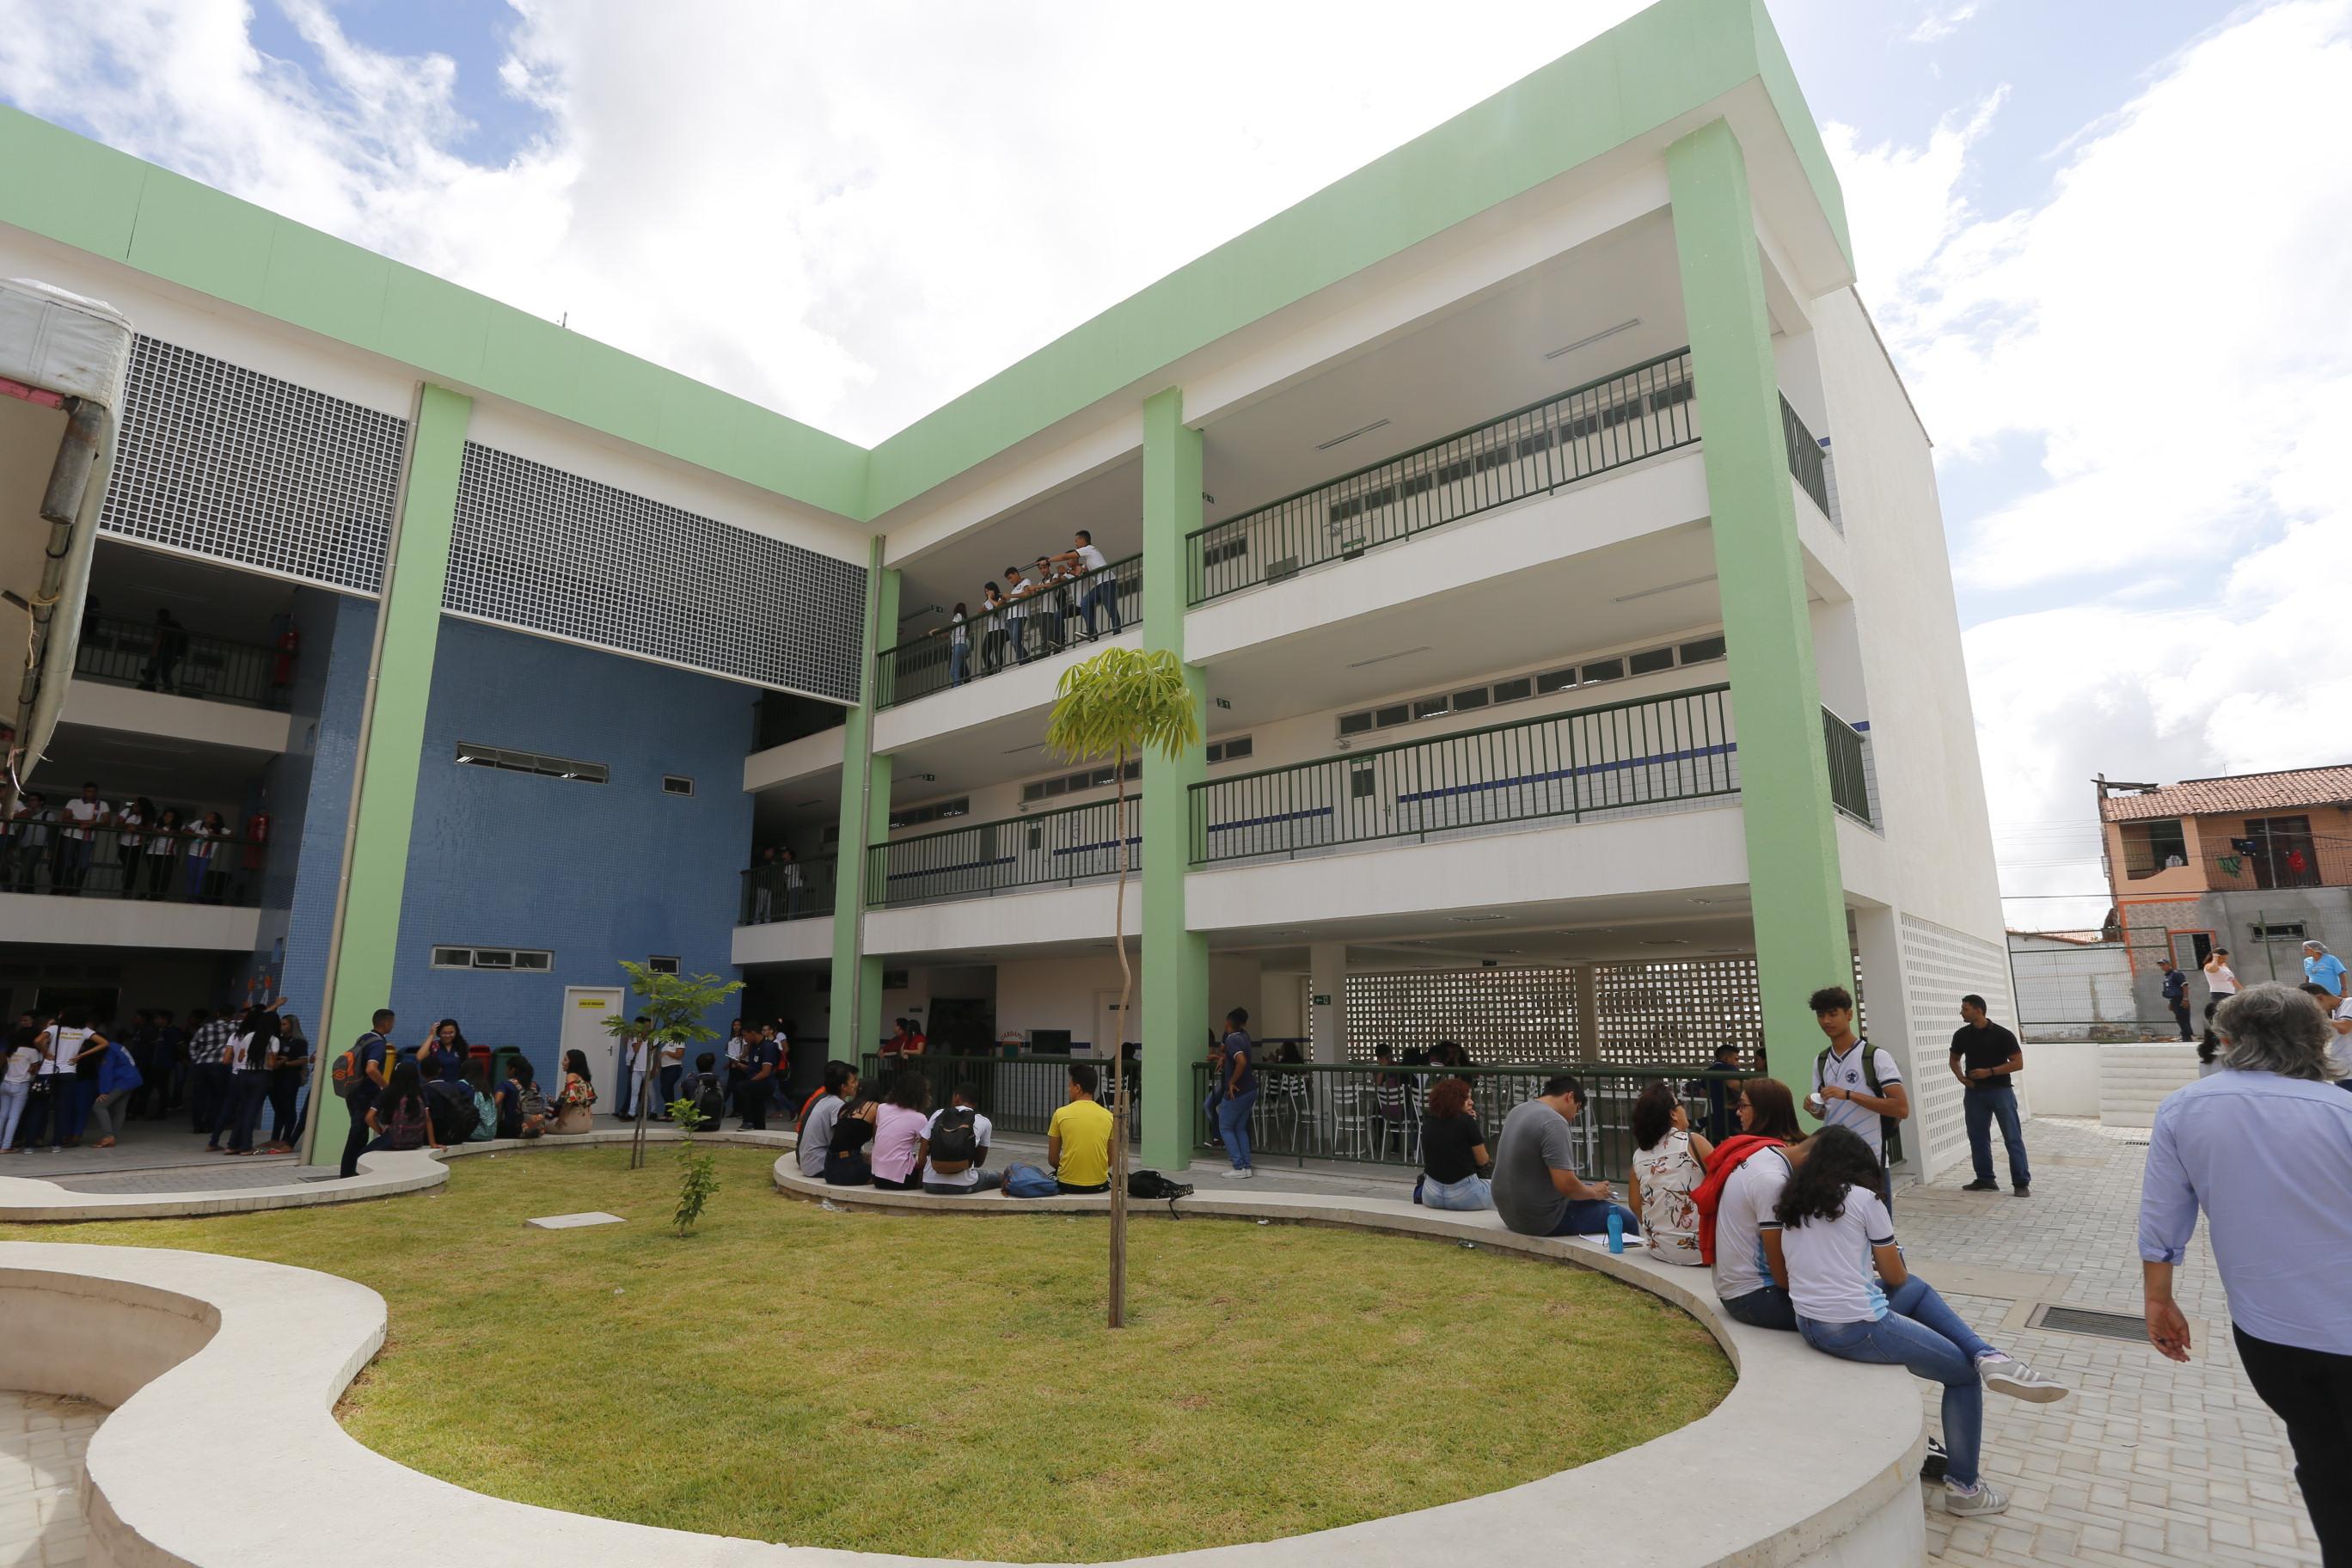 Alunos e professores da EEFM Deputado Paulino Rocha recebem sede renovada no bairro Passaré, em Fortaleza